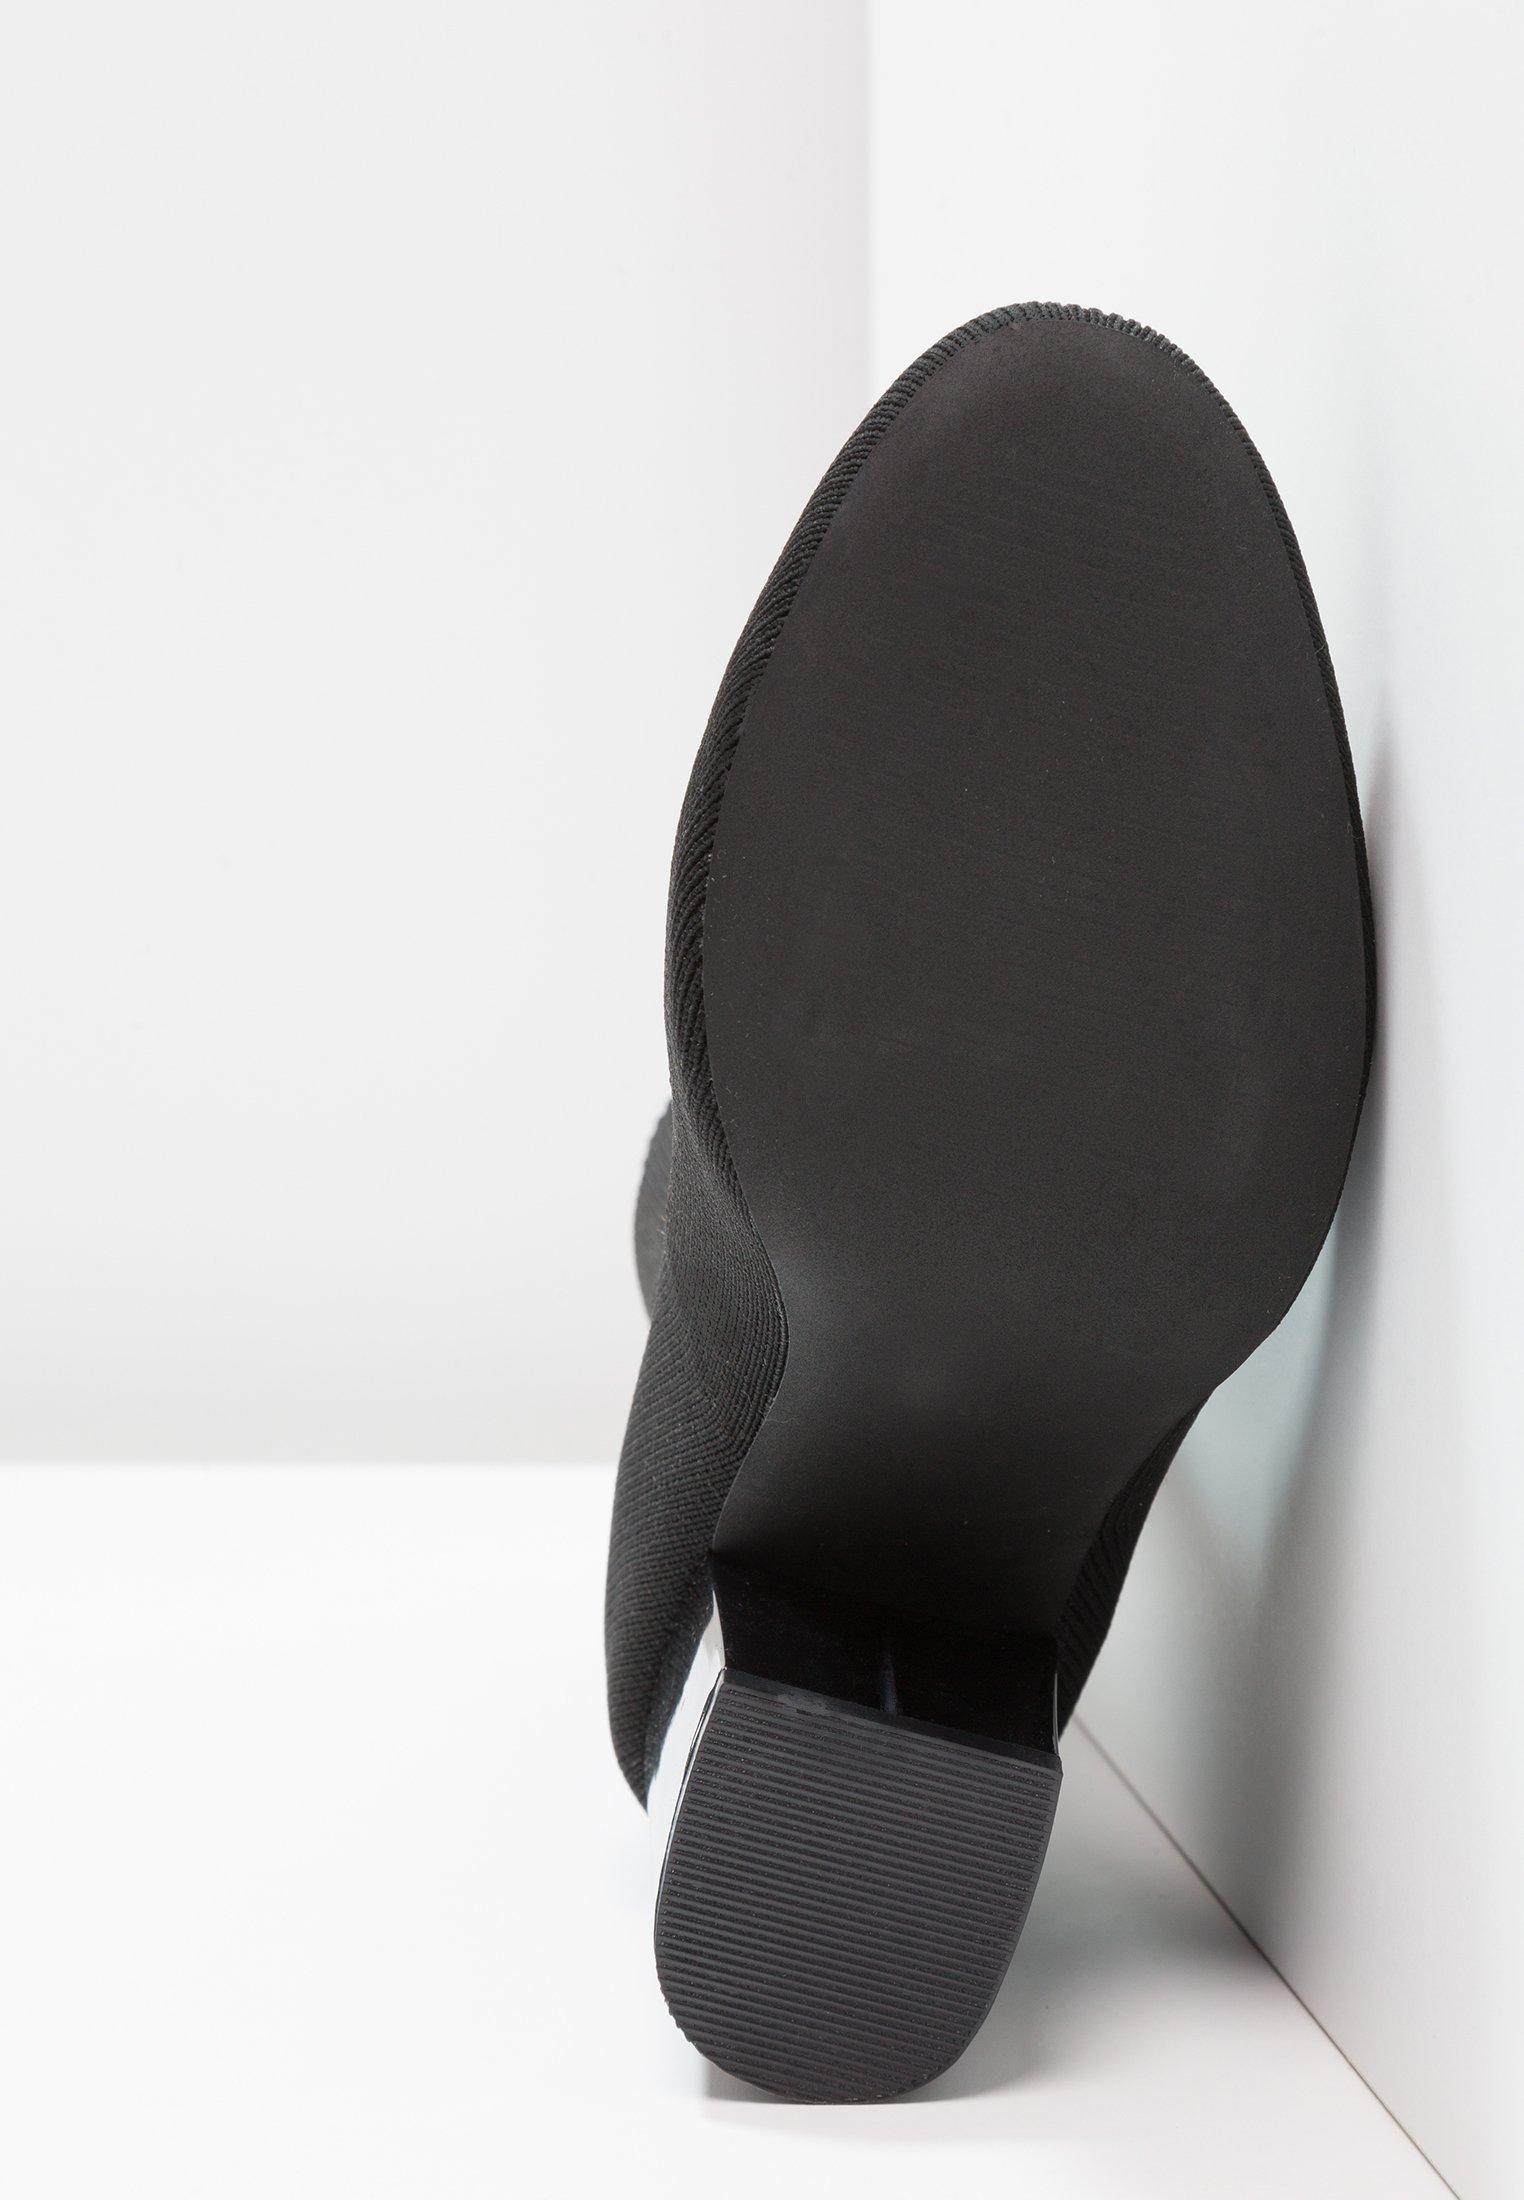 Even&odd High Heel Stiefelette - Black/schwarz